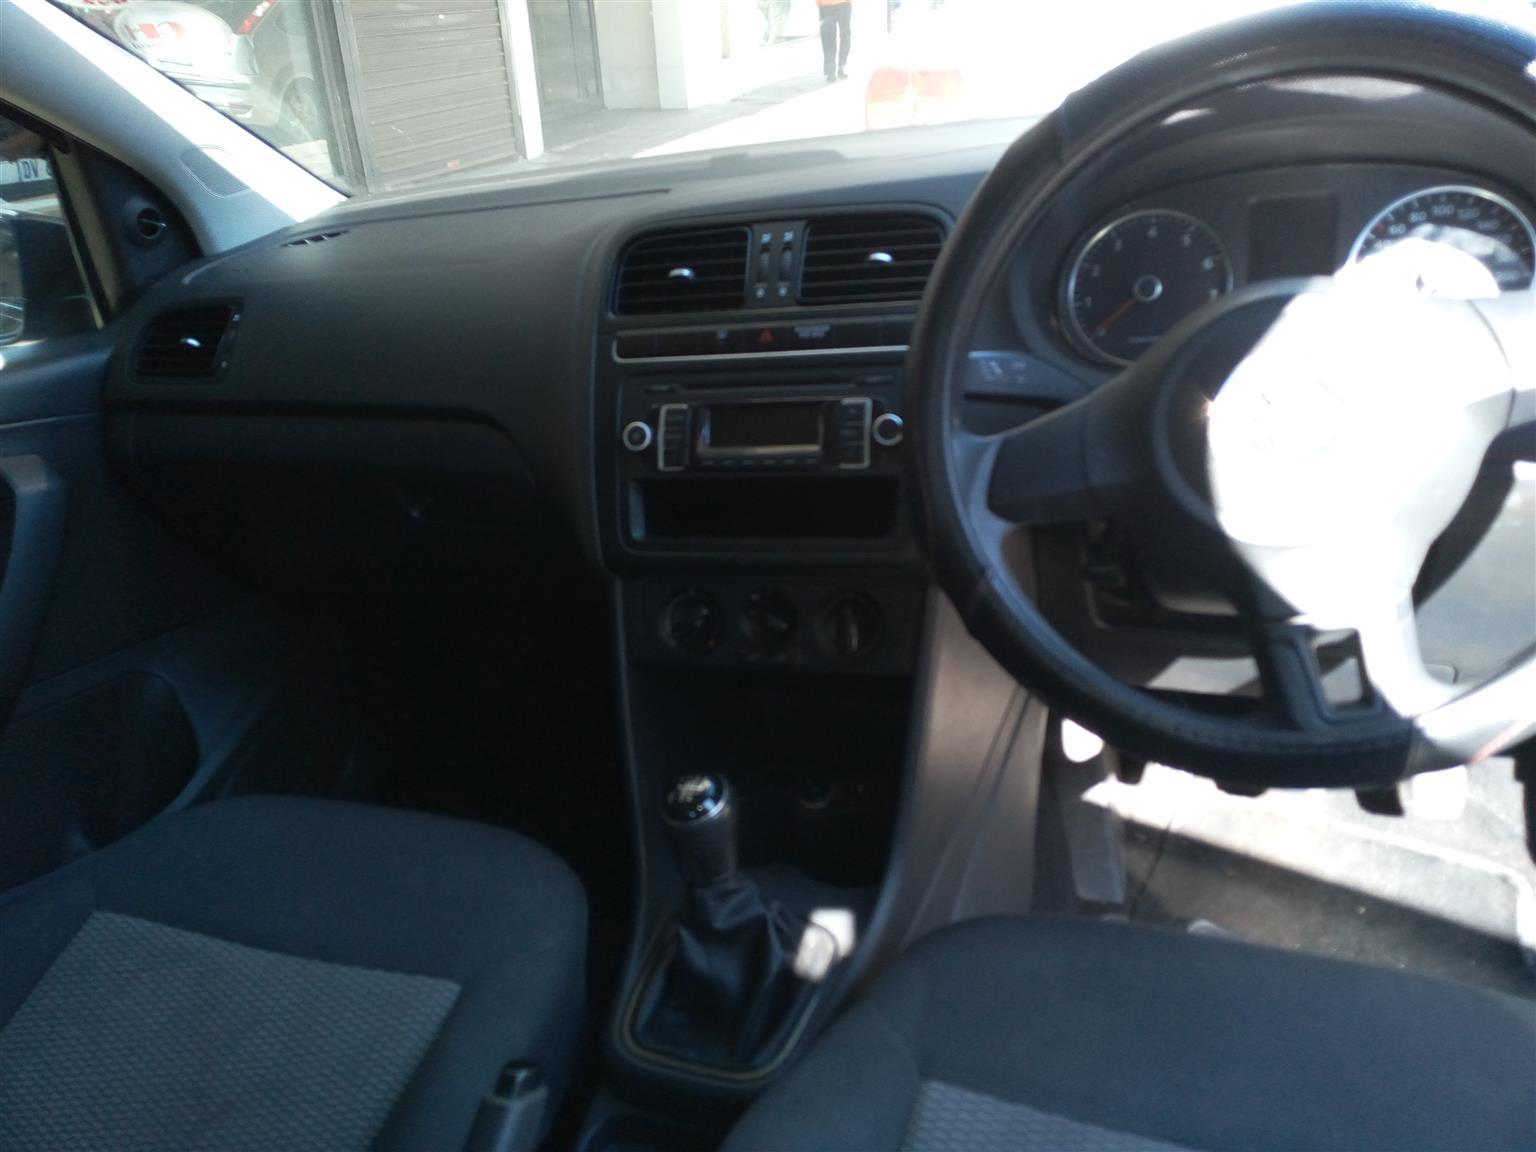 2013 VW Polo Vivo 5 door 1.4